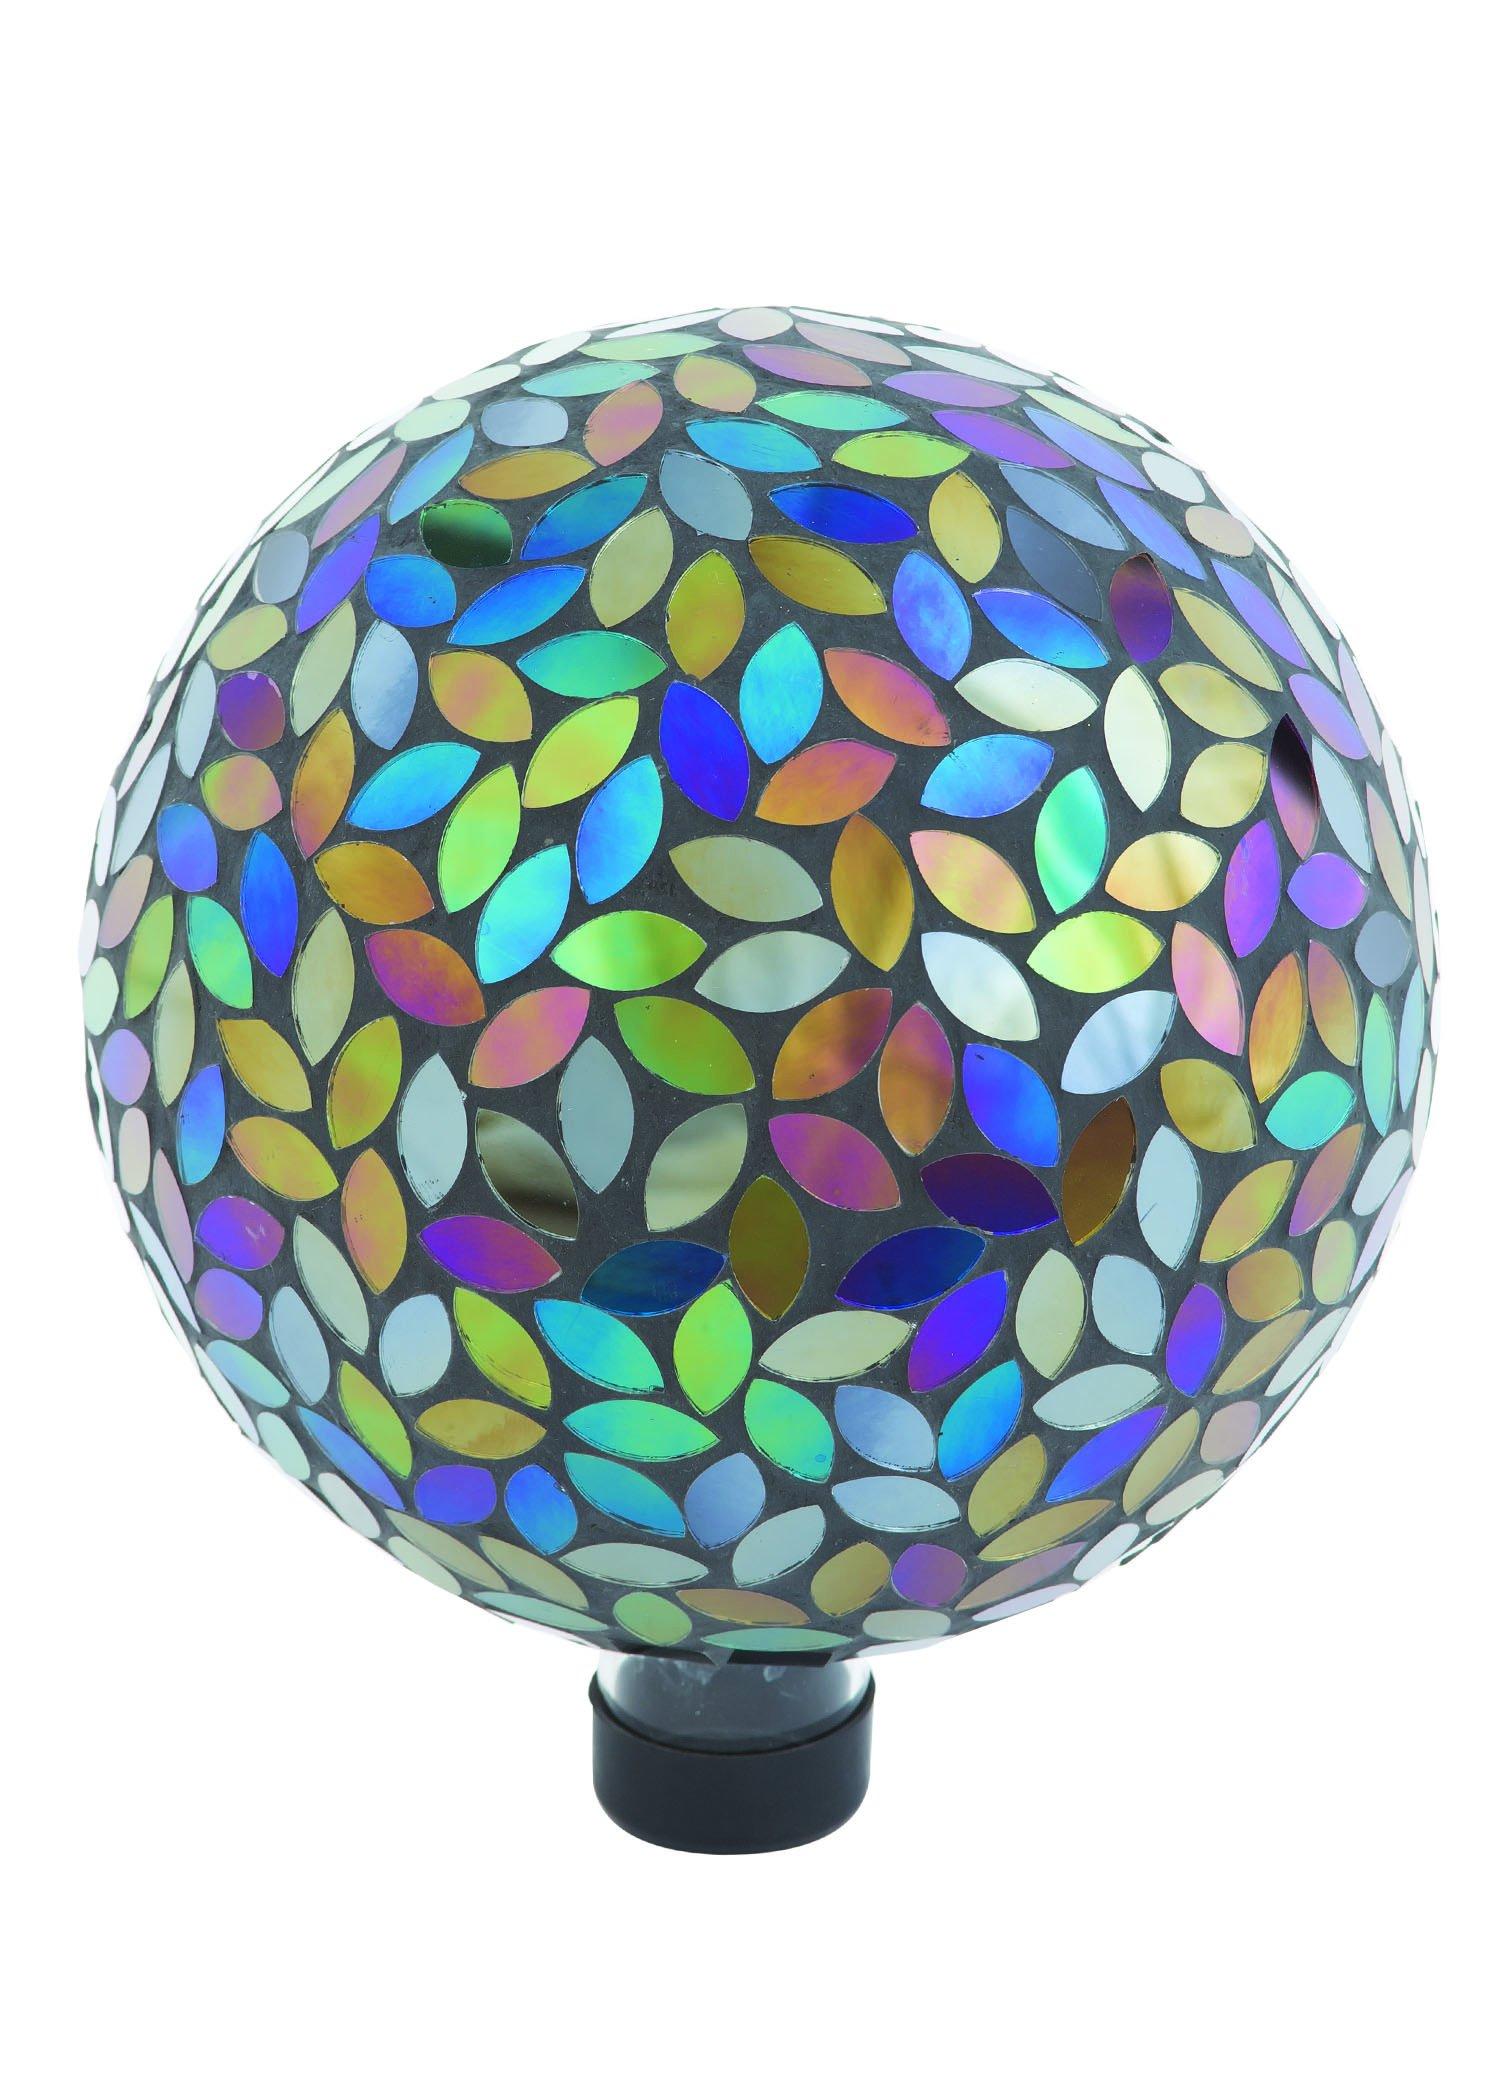 Russco III GD137159 Glass Gazing Ball, 10'', Mosaic Peacock